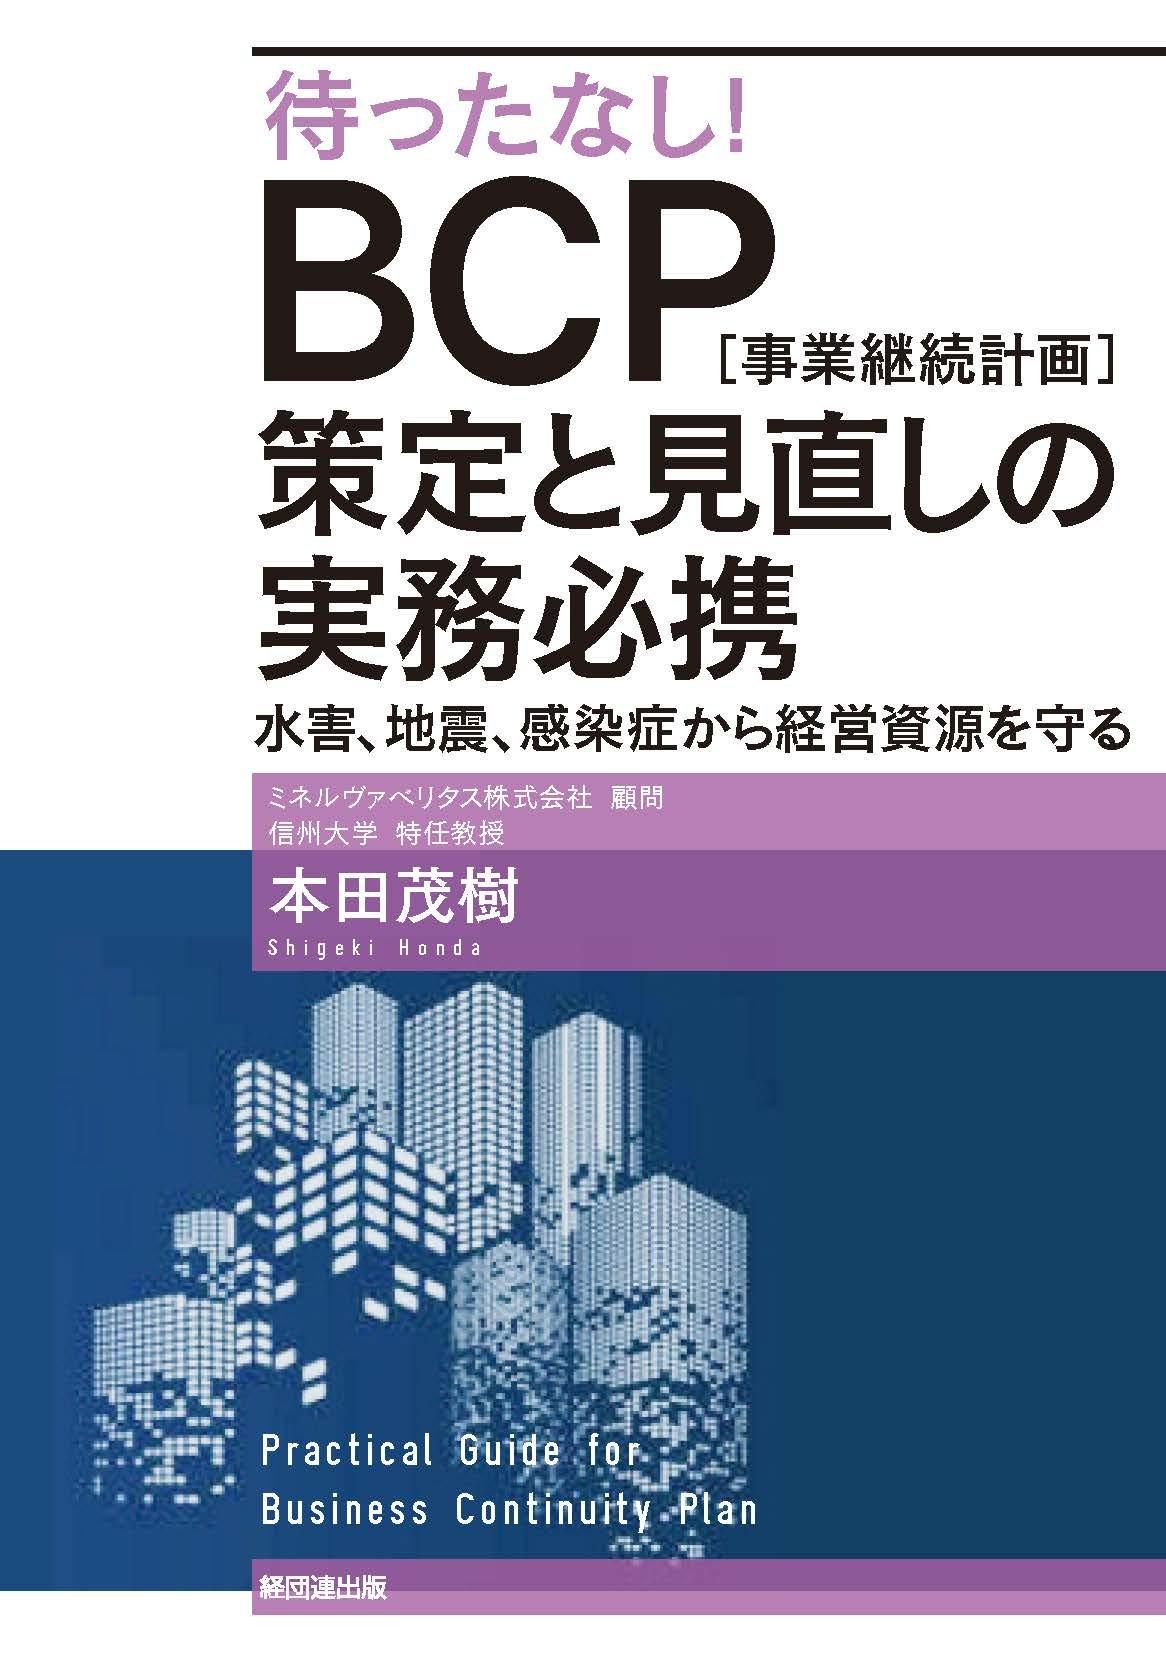 待ったなし!BCP[事業継続計画]策定と見直しの実務必携  水害、地震、感染症から経営資源を守る